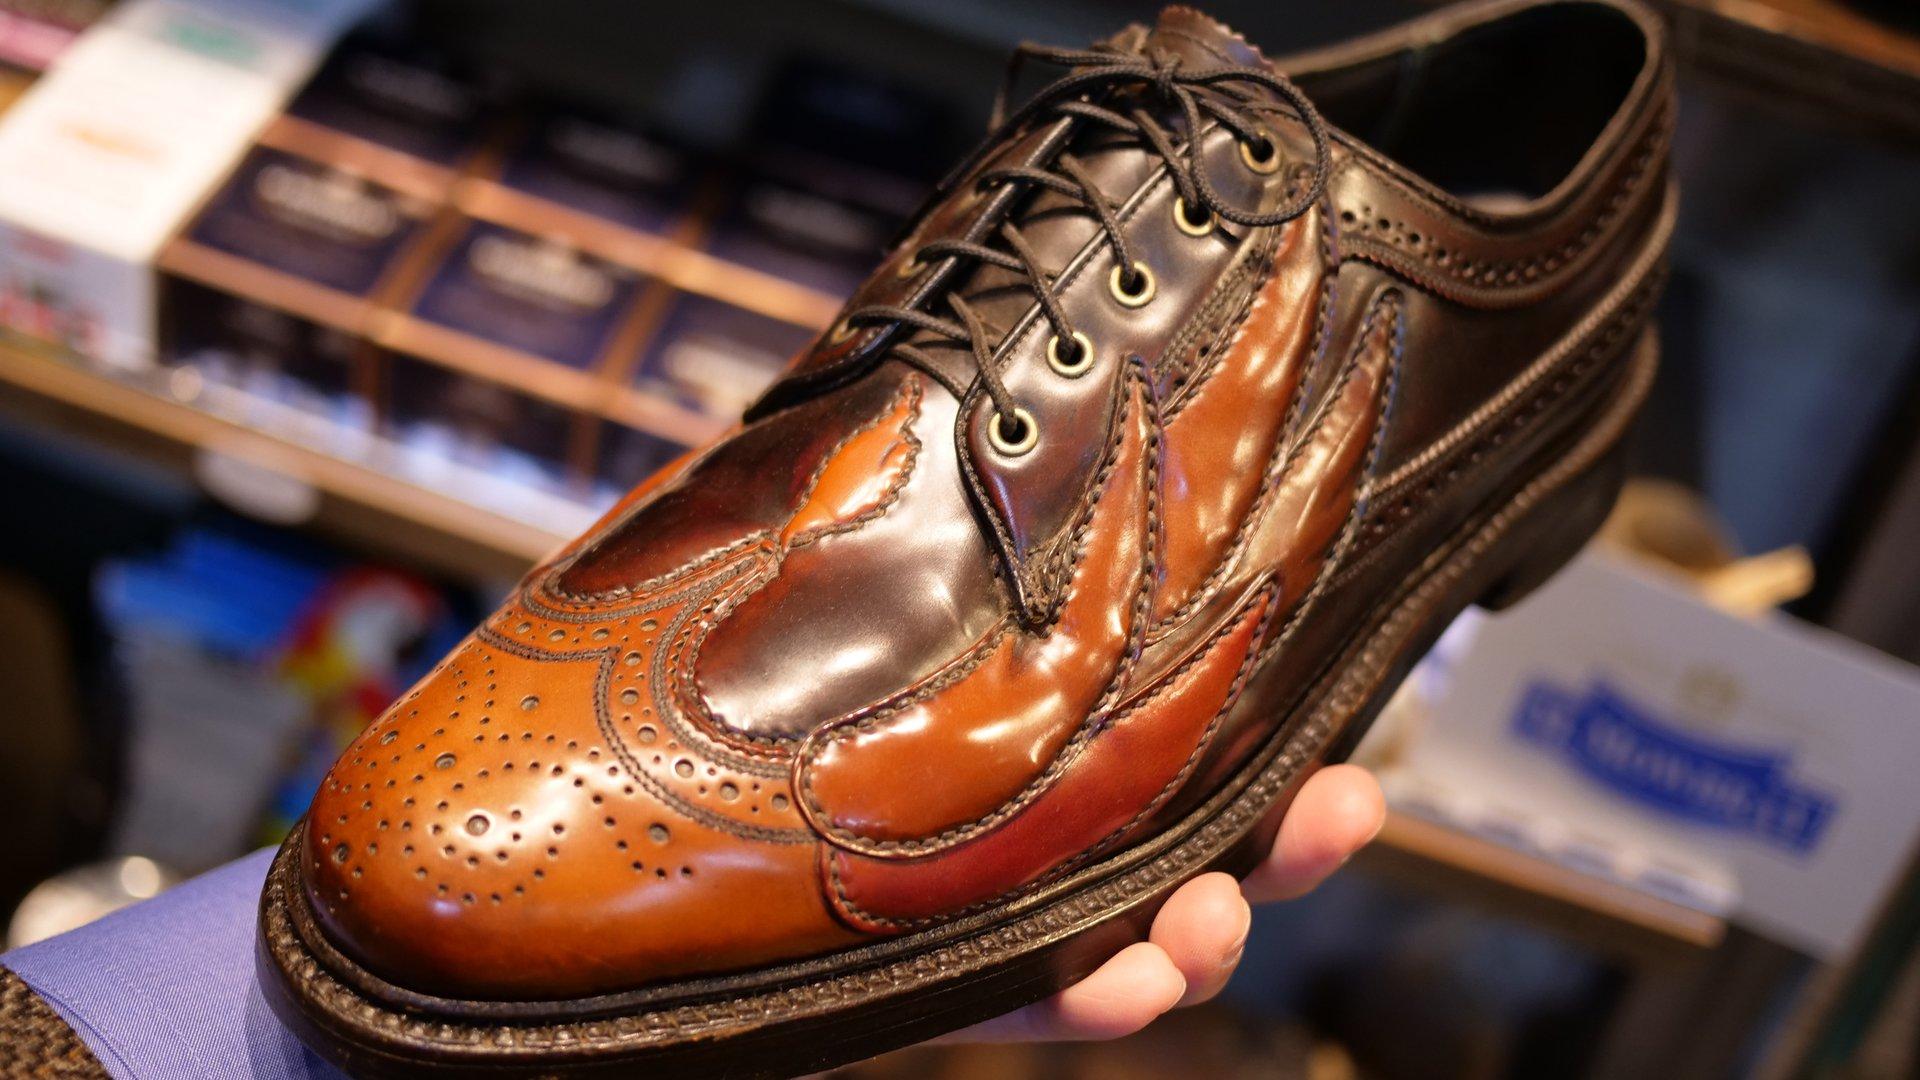 Customized vintage shoe